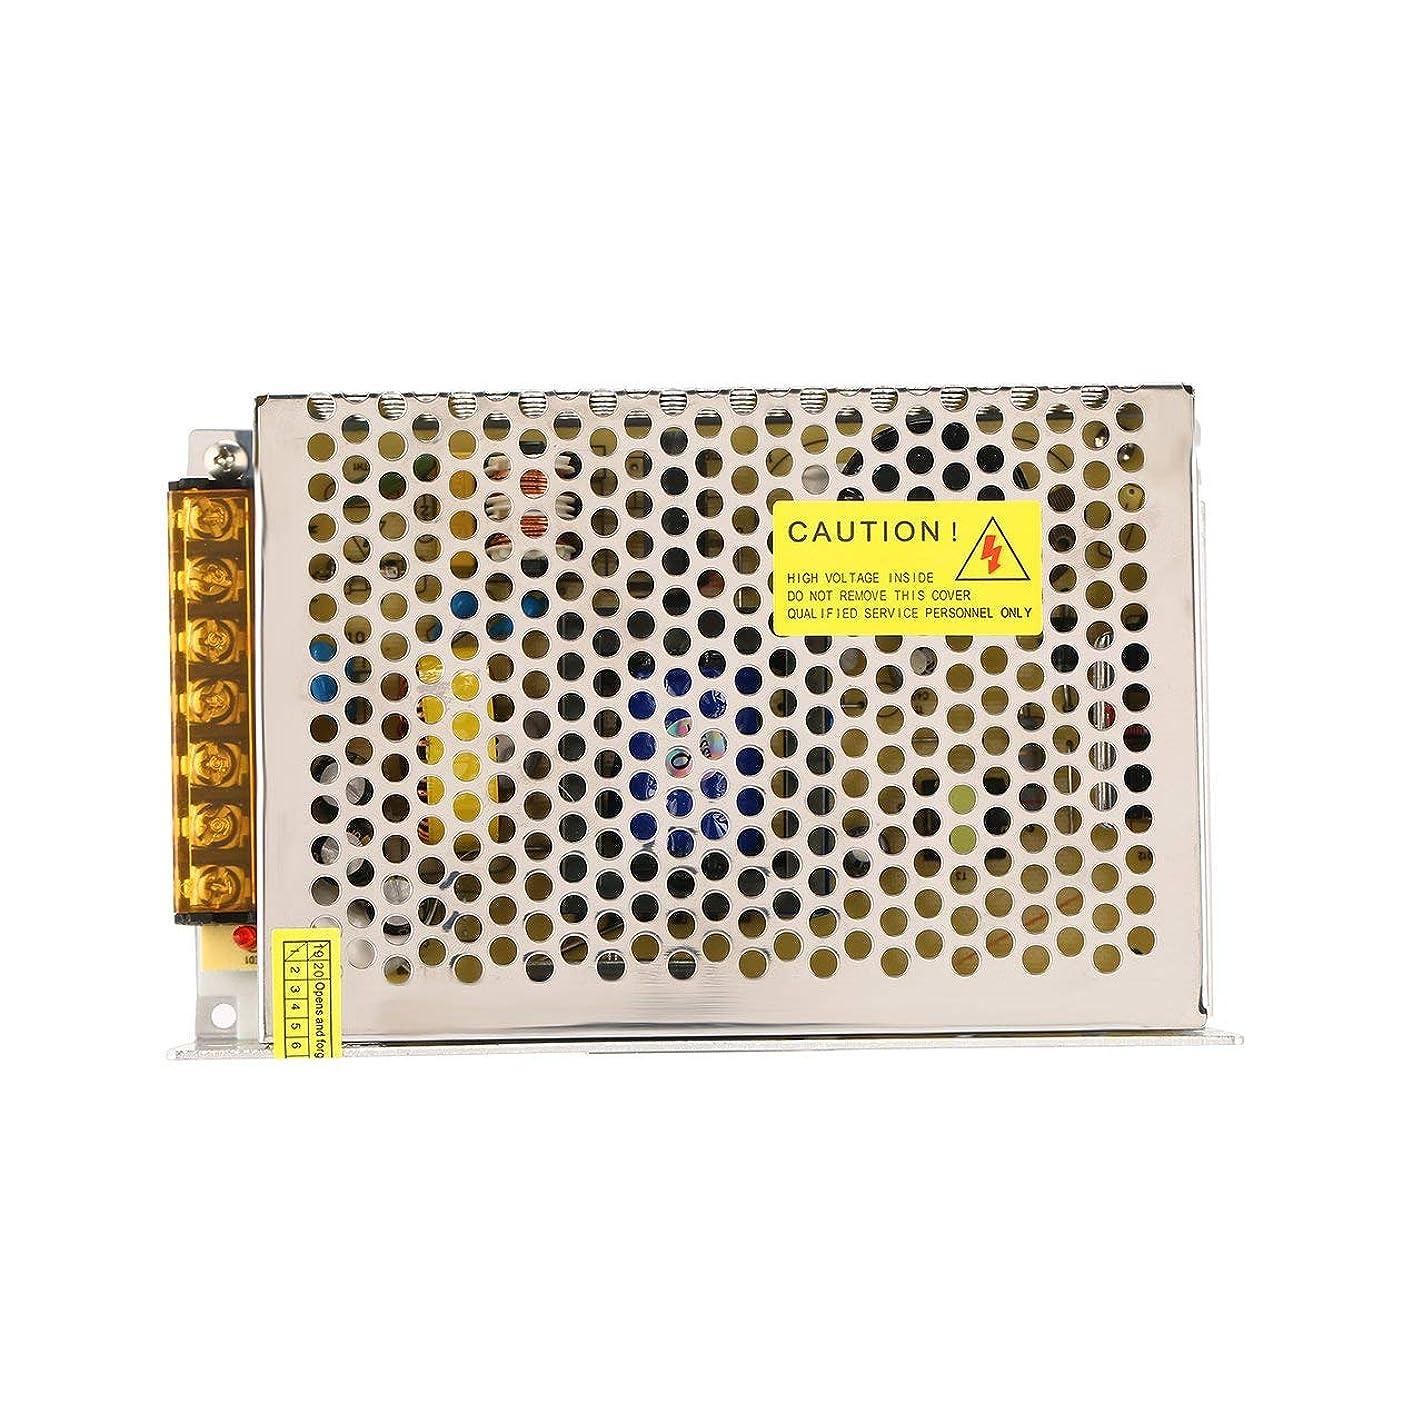 退屈つまずくアンビエントDC 24V 200W LED電源スイッチ電流電圧ドライバアダプタスイッチング照明安定化変圧器定電圧(色:黒)